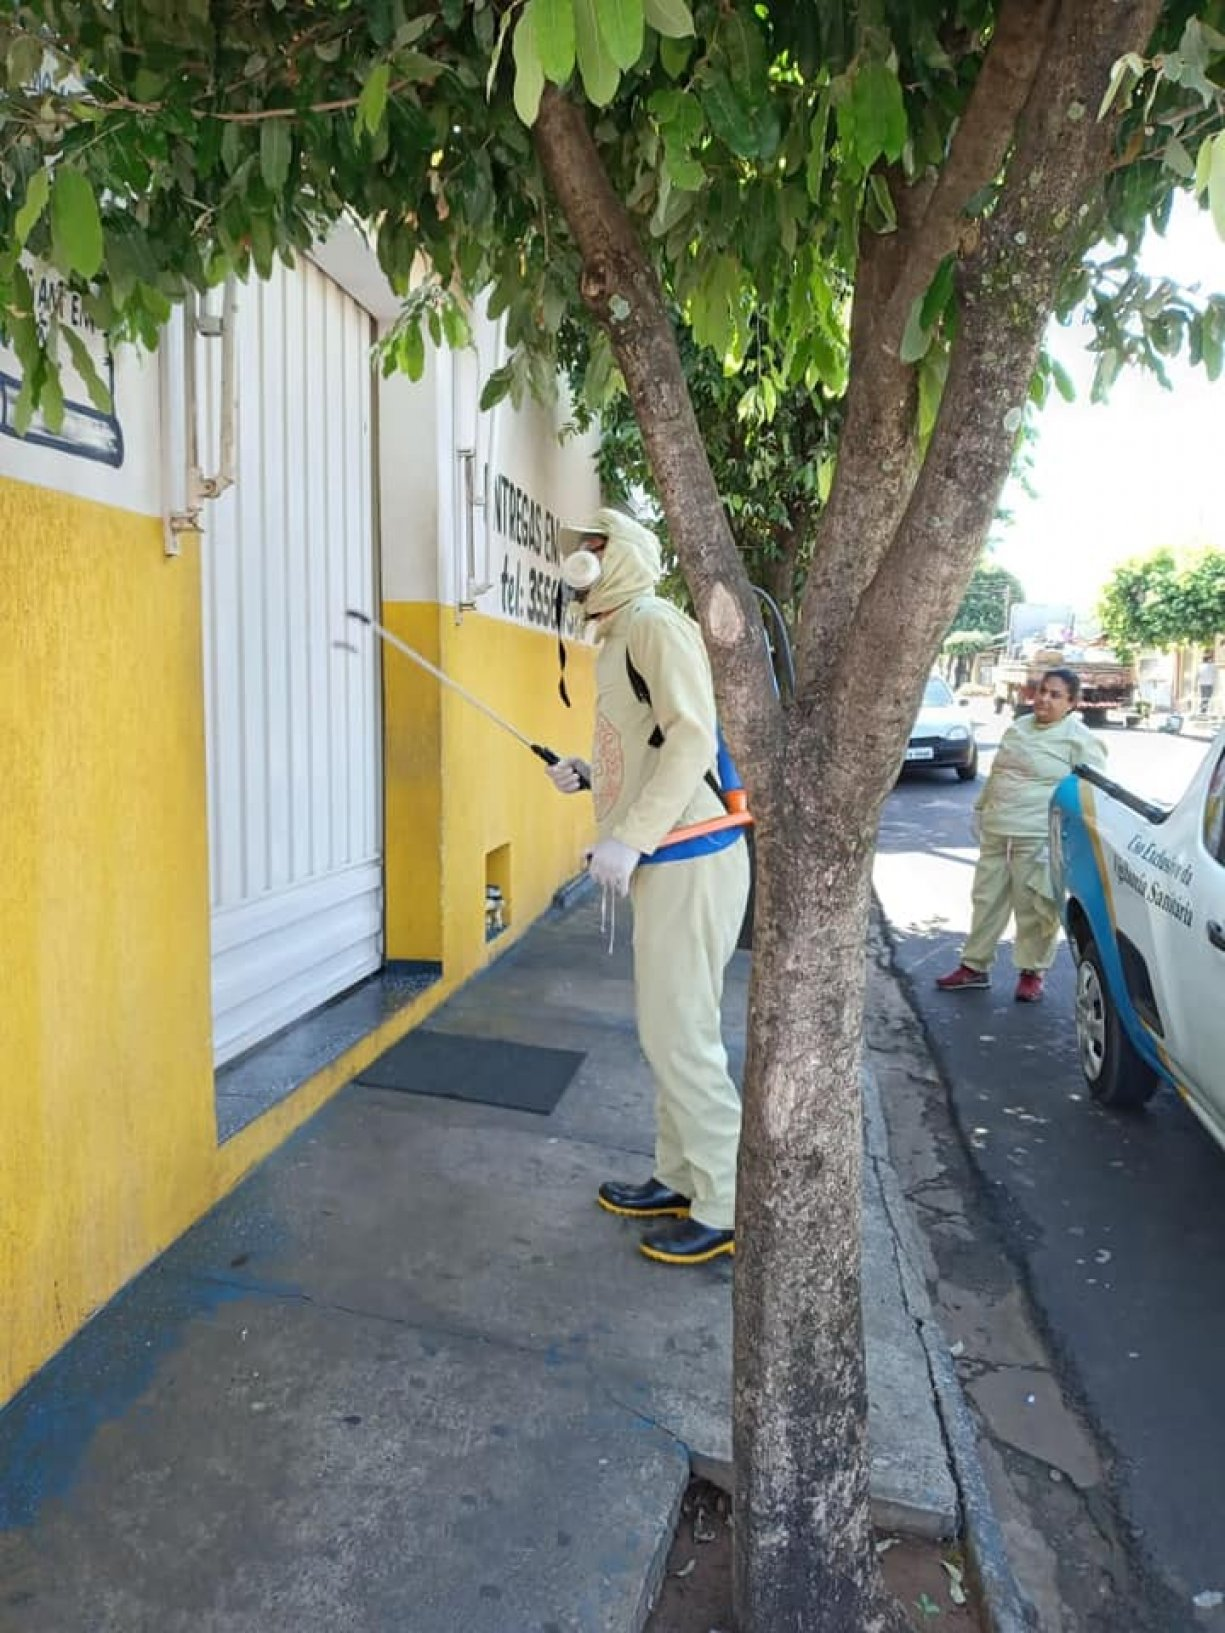 A Prefeitura Municipal de Irapuã juntamente com a Diretoria Municipal de Saúde e Vigilância em Saúde, está realizando nesta terça-feira (31), o processo de desinfecção contra o Covid-19